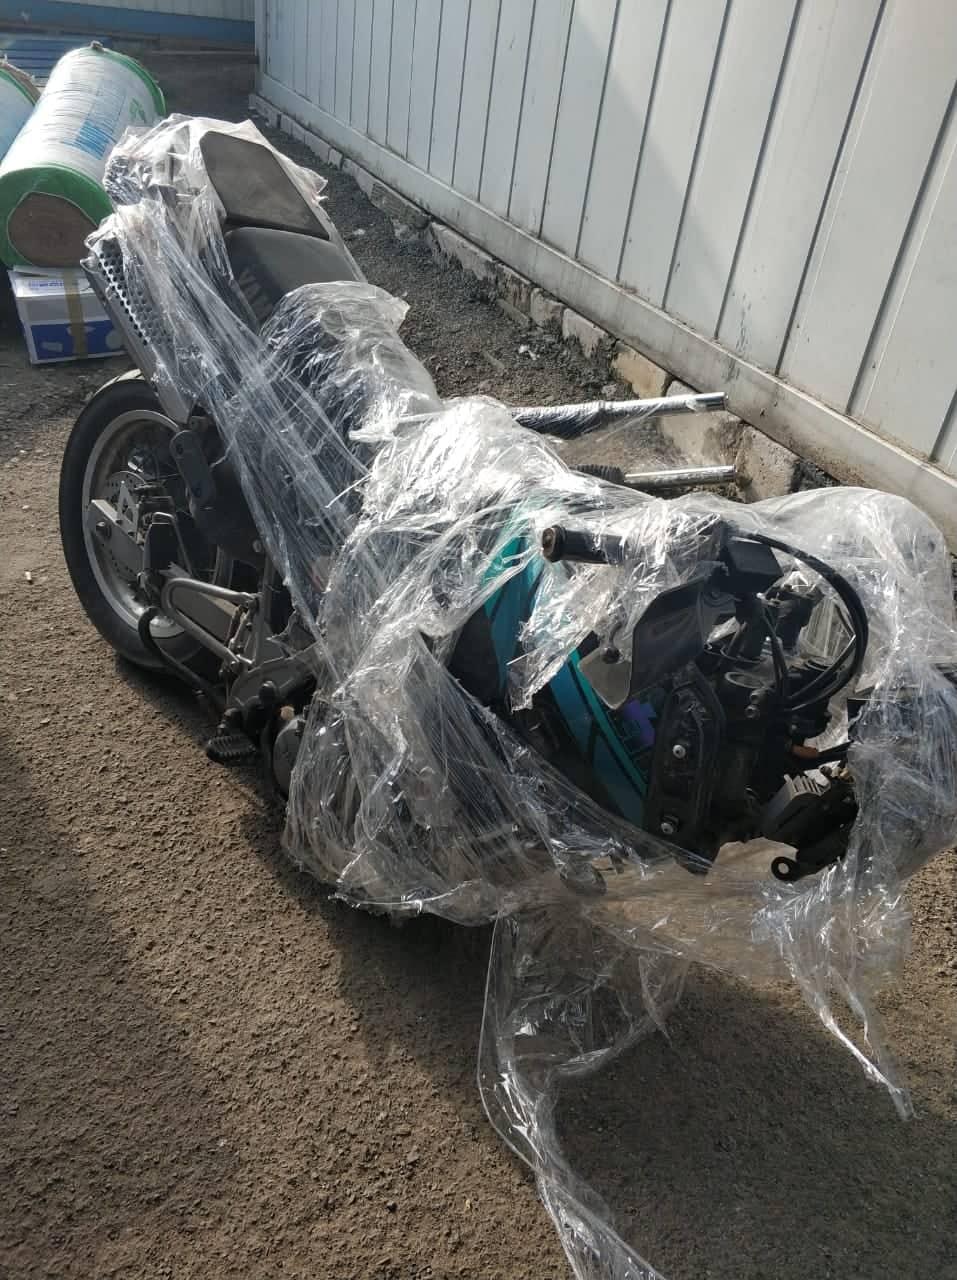 Закарпатські прикордонники виявили схований у мікроавтобусі мотоцикл